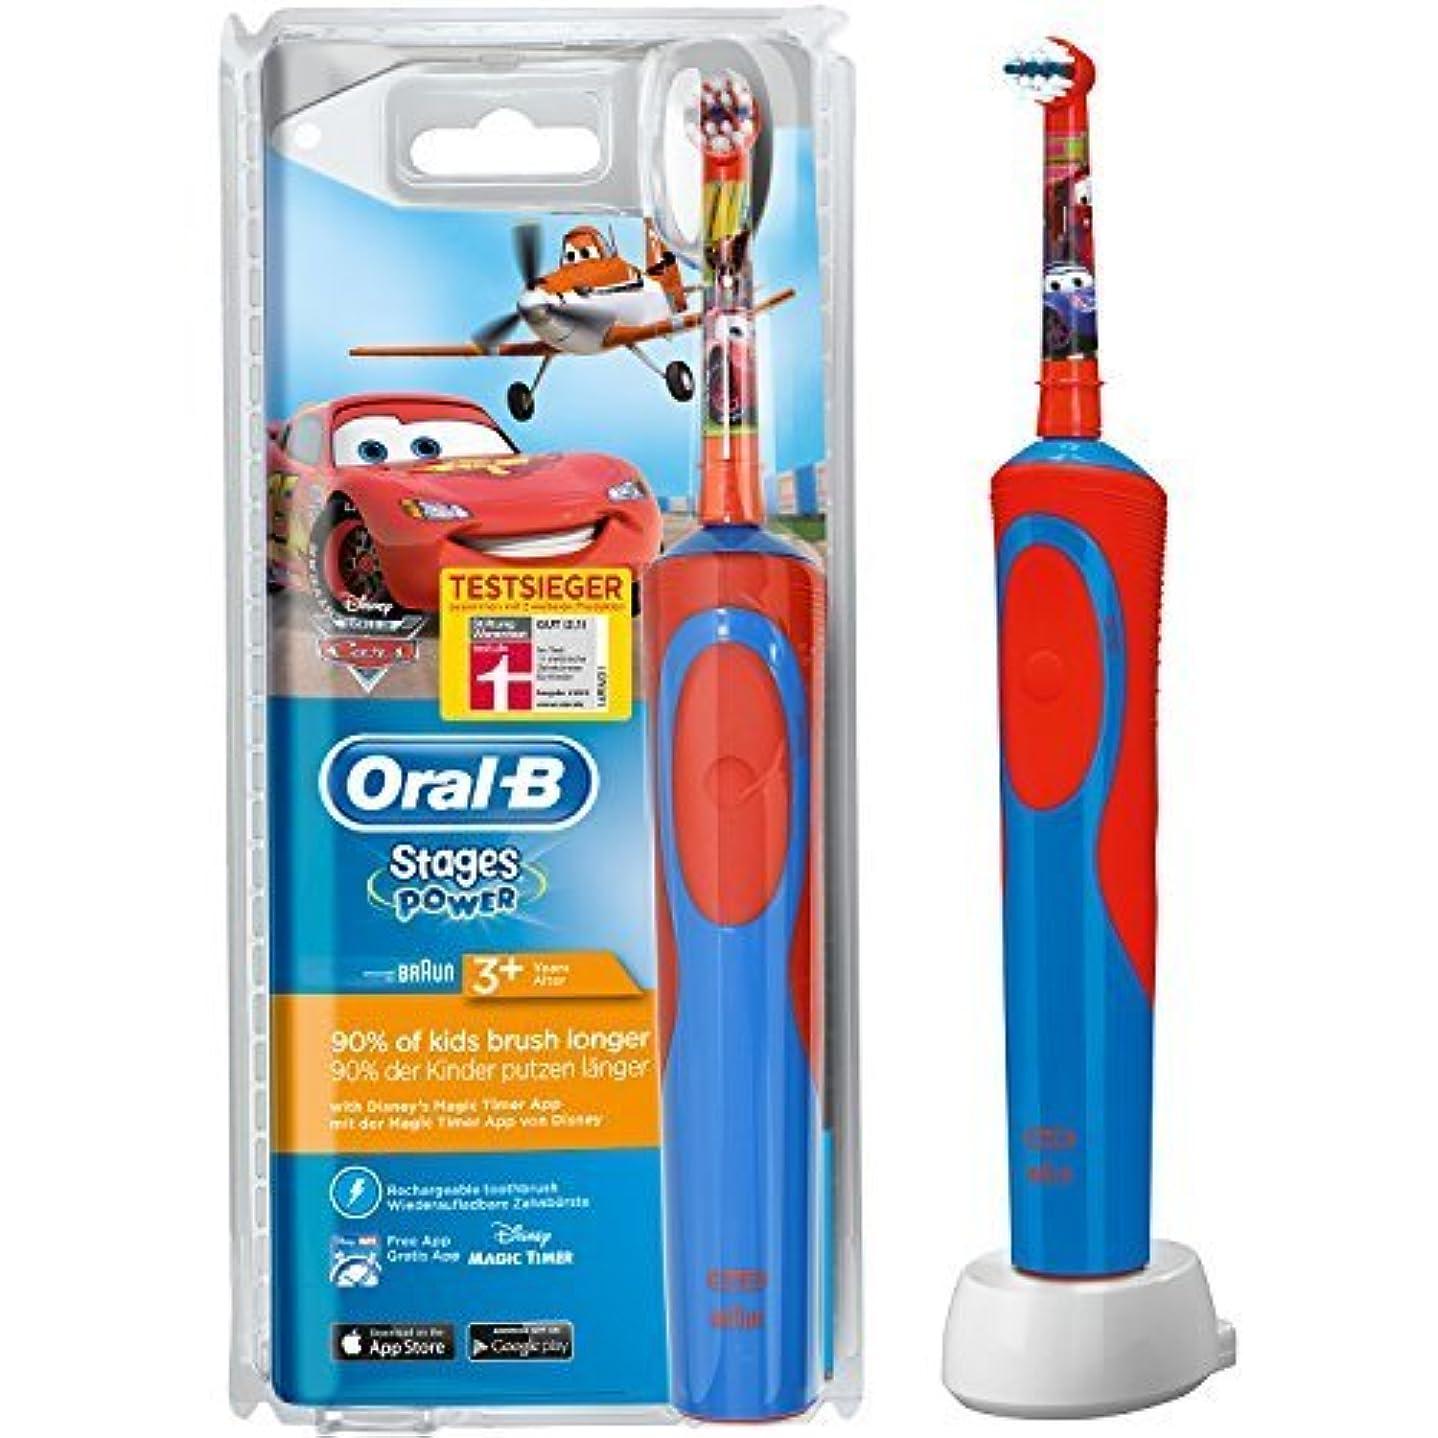 スライス気まぐれなスムーズにOral-B Stages Power Cars Children's Electric Toothbrush with Timer by Oral-B [並行輸入品]